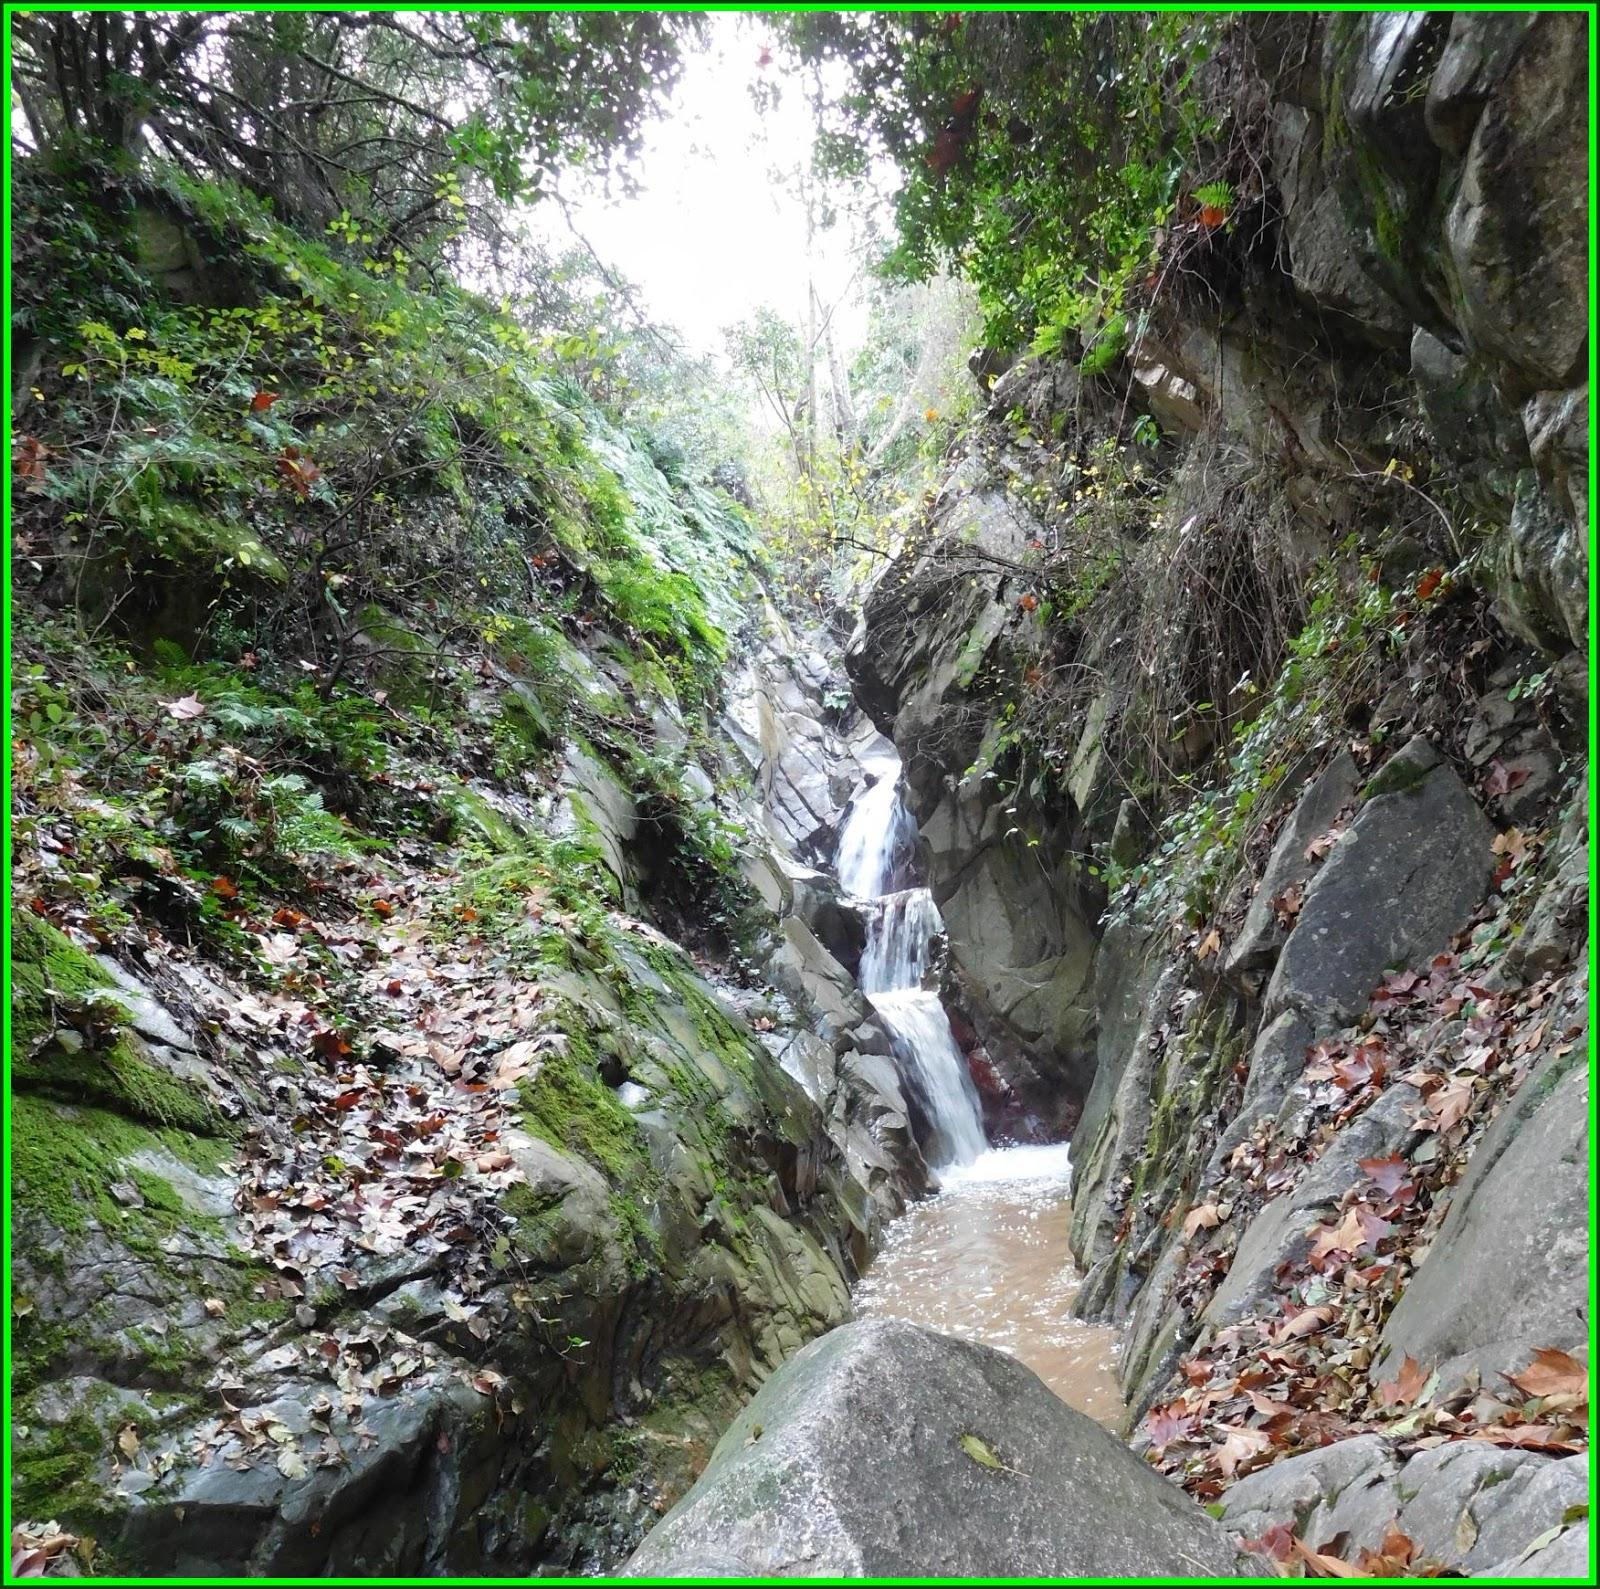 Caminaires de les faldes del montseny arb cies joanet for Les piscines del montseny